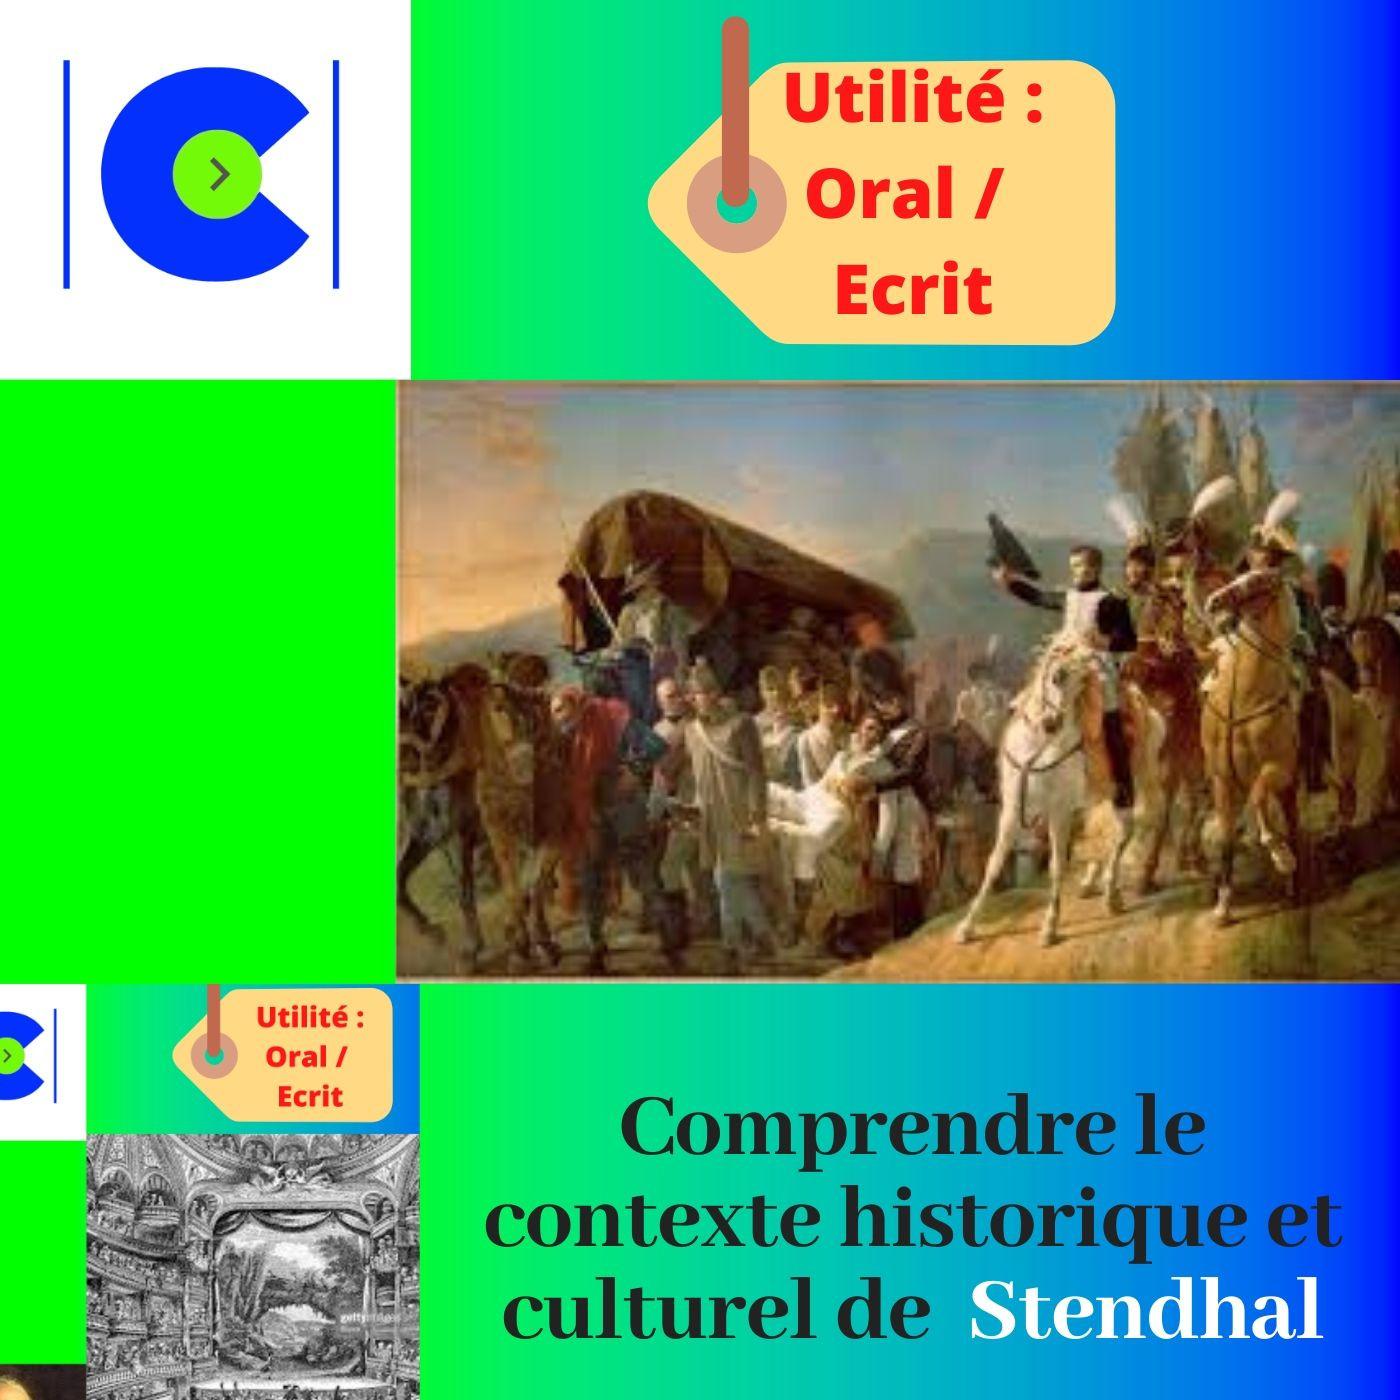 Comprendre le contexte historique et culturel de STENDHAL.